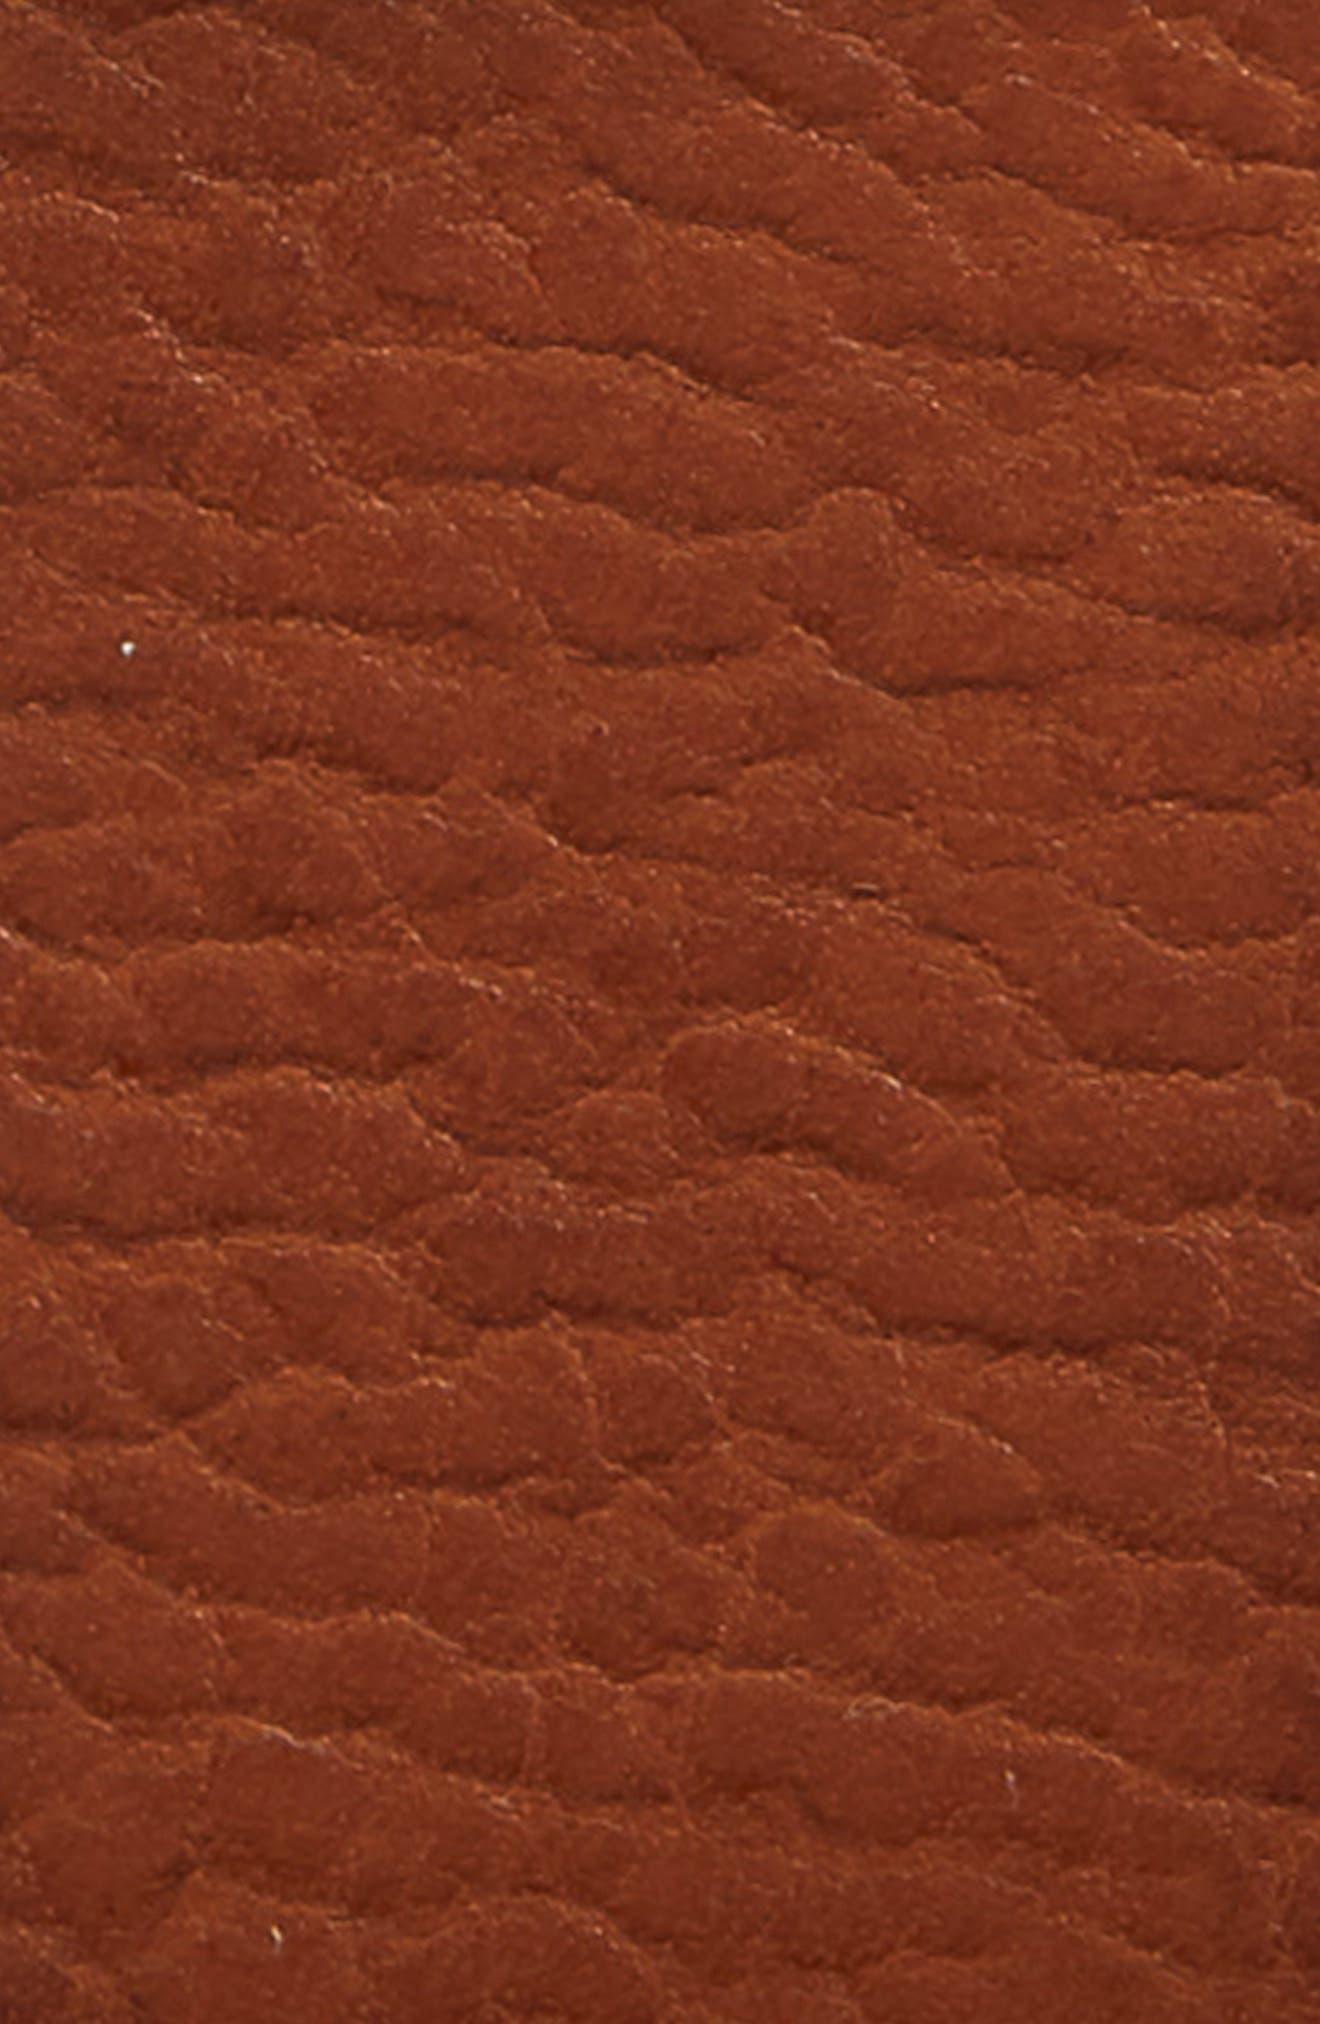 FRYE, Flat Panel Leather Belt, Alternate thumbnail 2, color, COGNAC